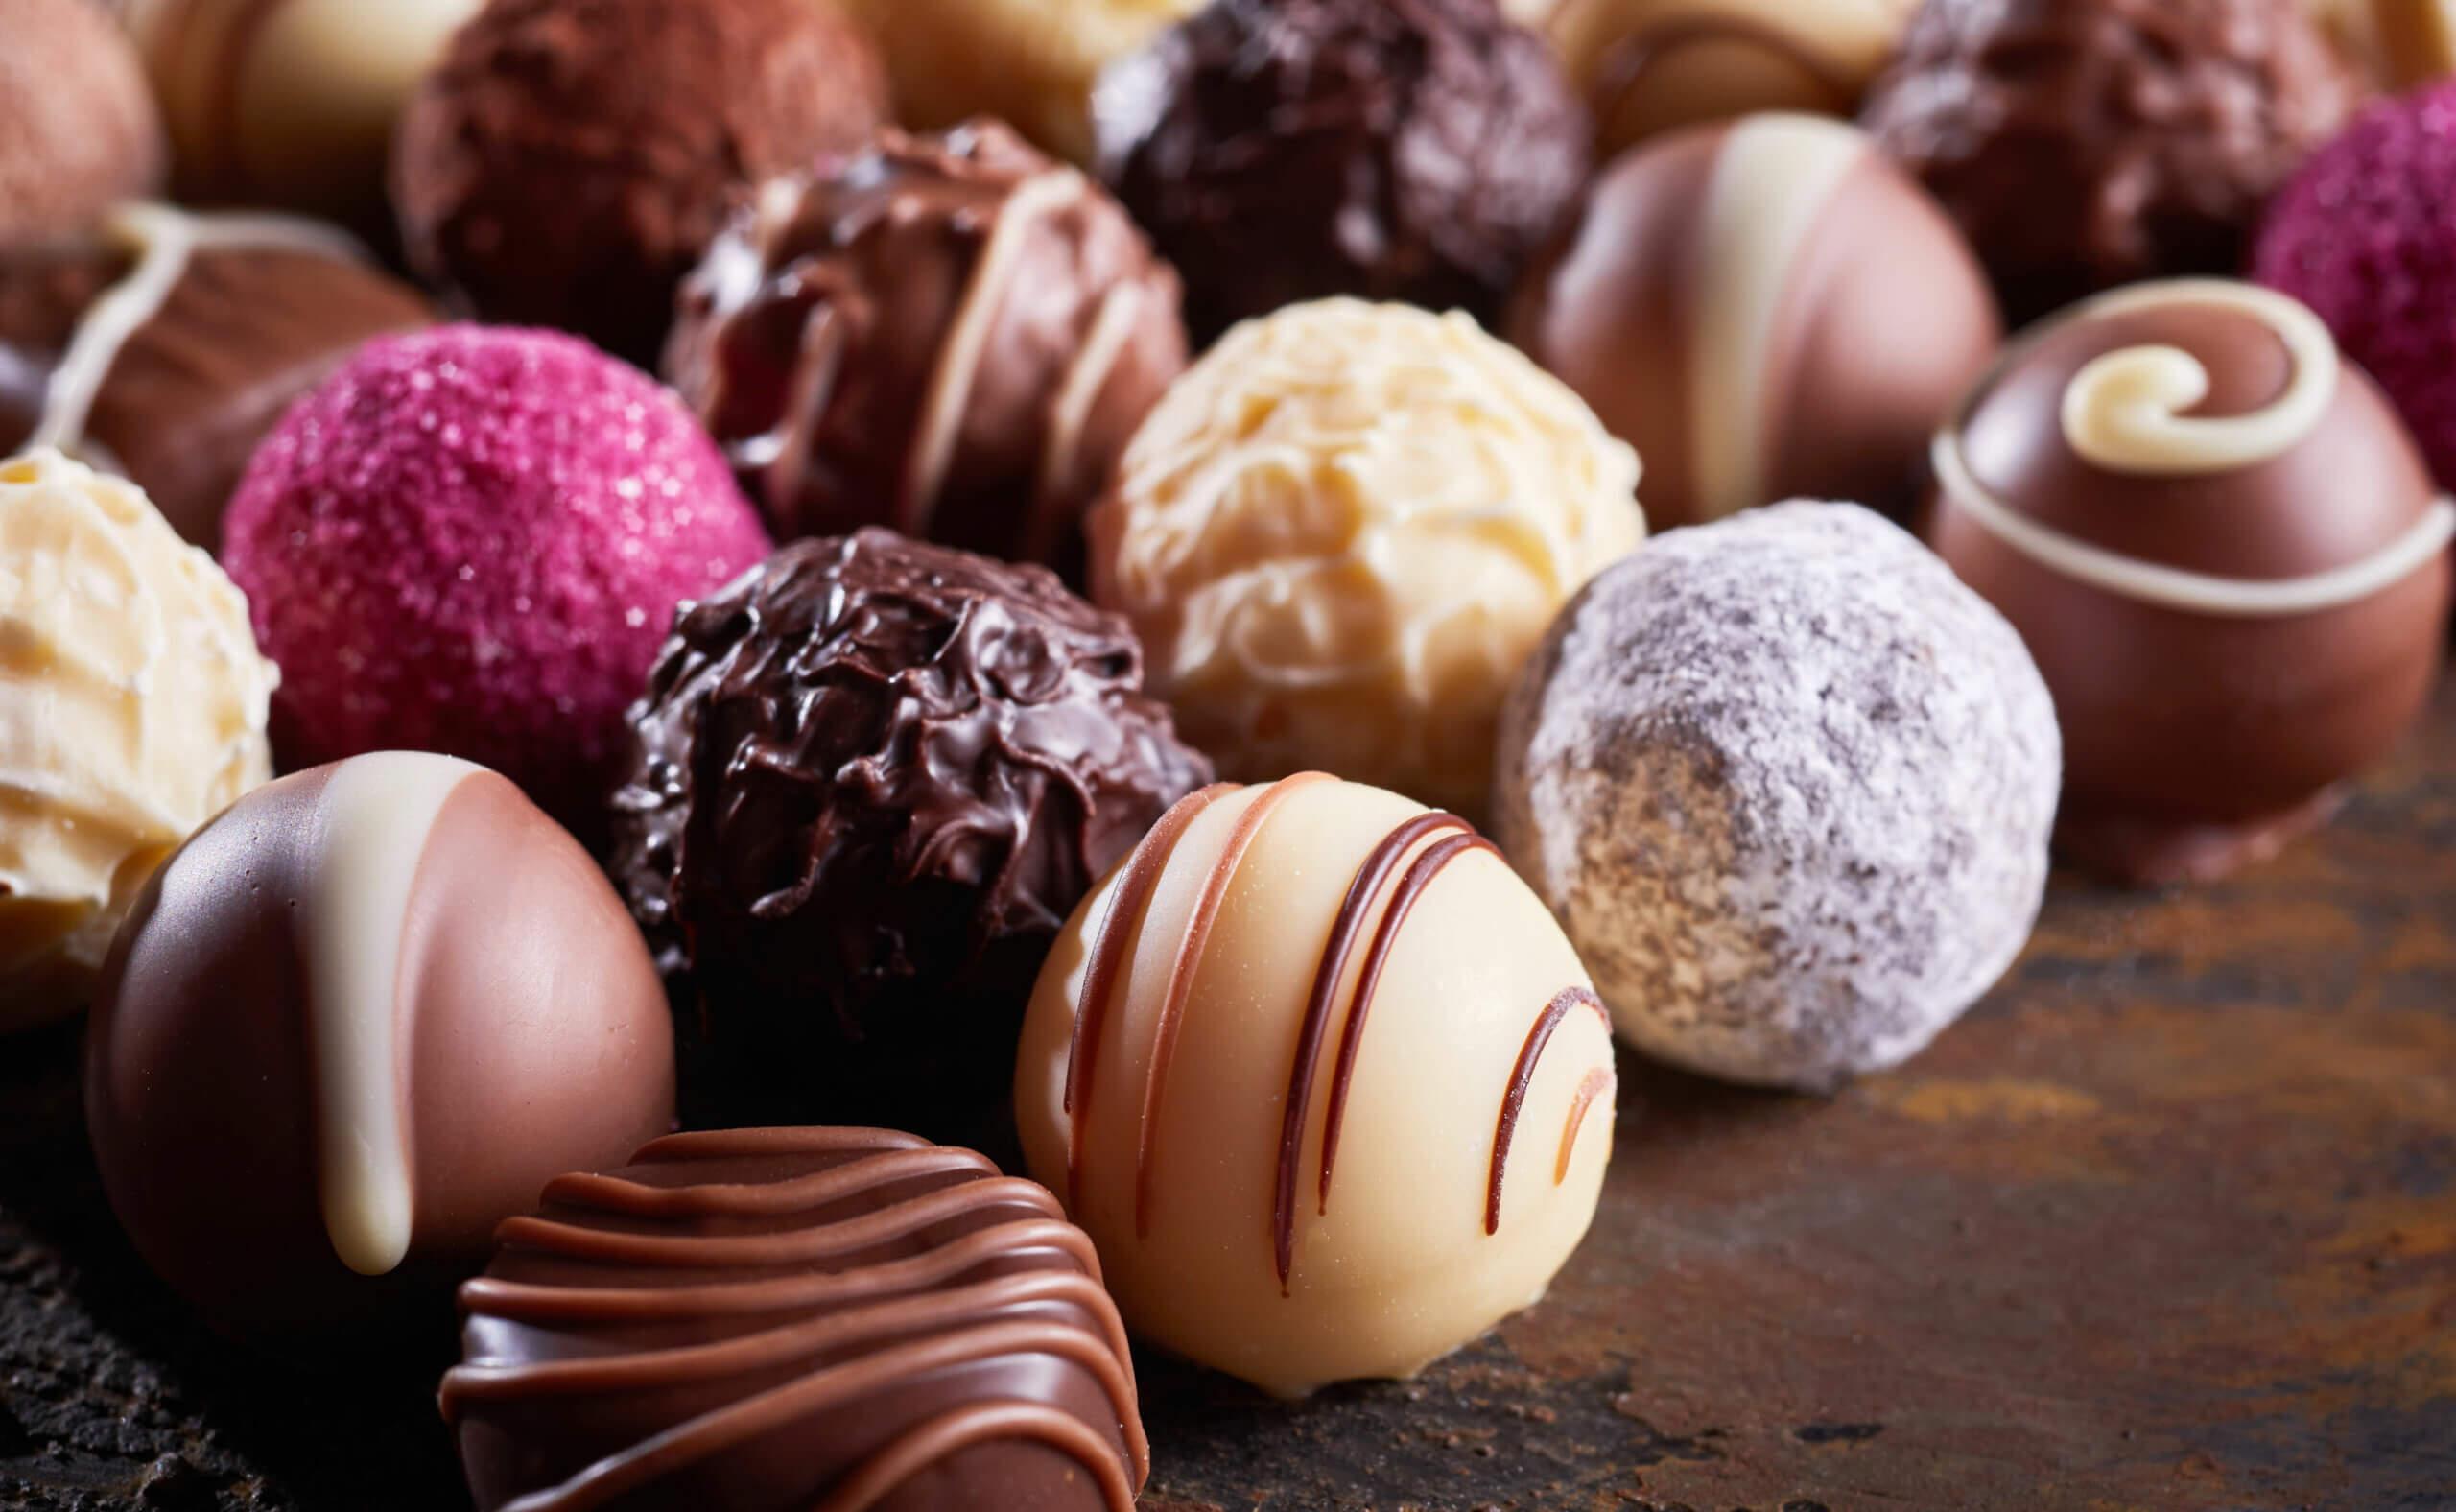 Entre los alimentos prohibidos colon irritable están los chocolates.